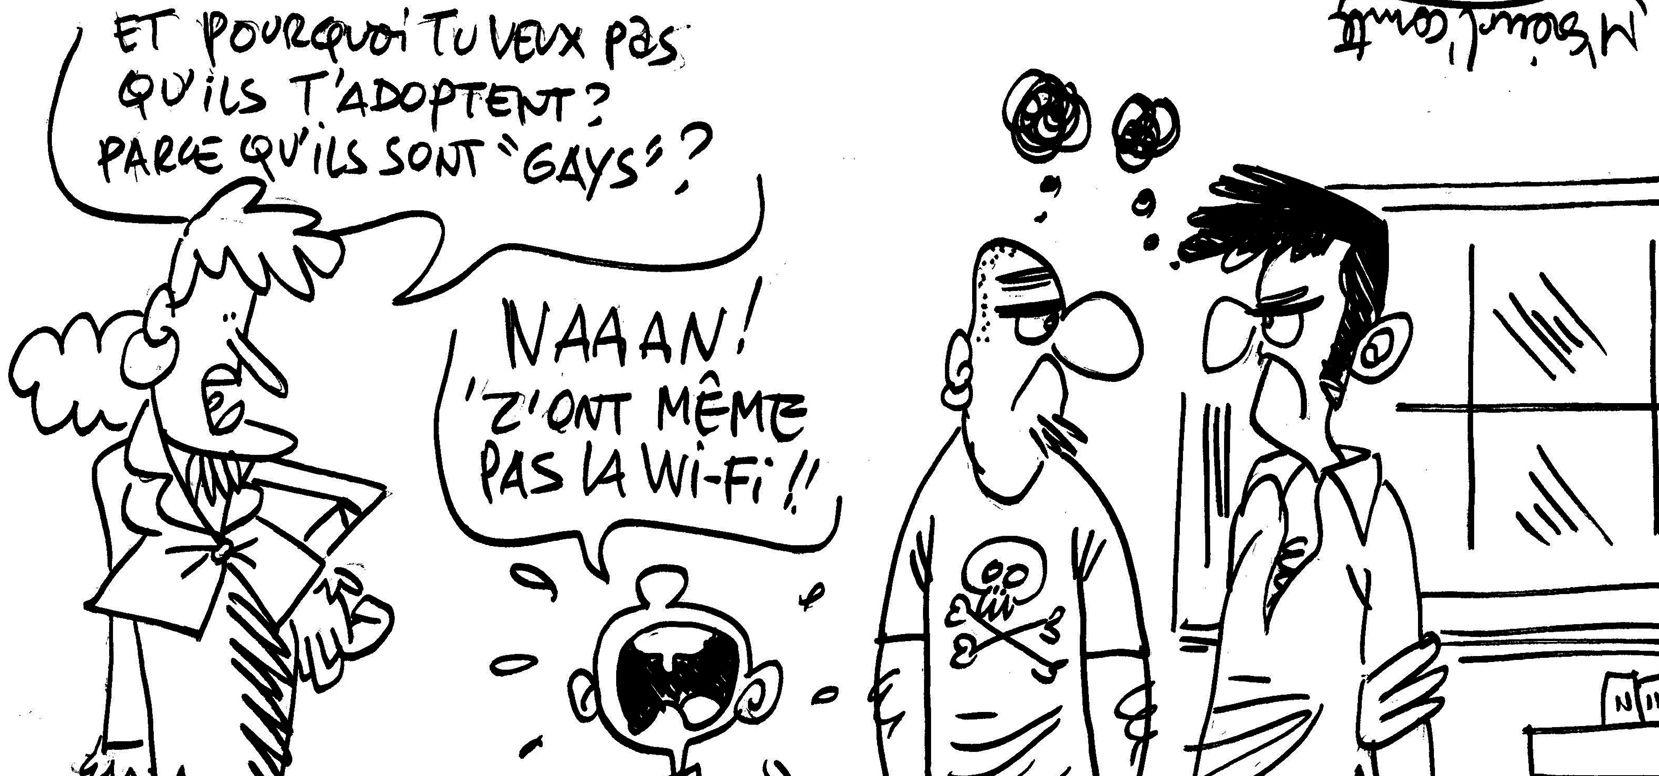 Les dessins de M'sieur L'Comte : adoption par les couples gays ou connexion wifi ?